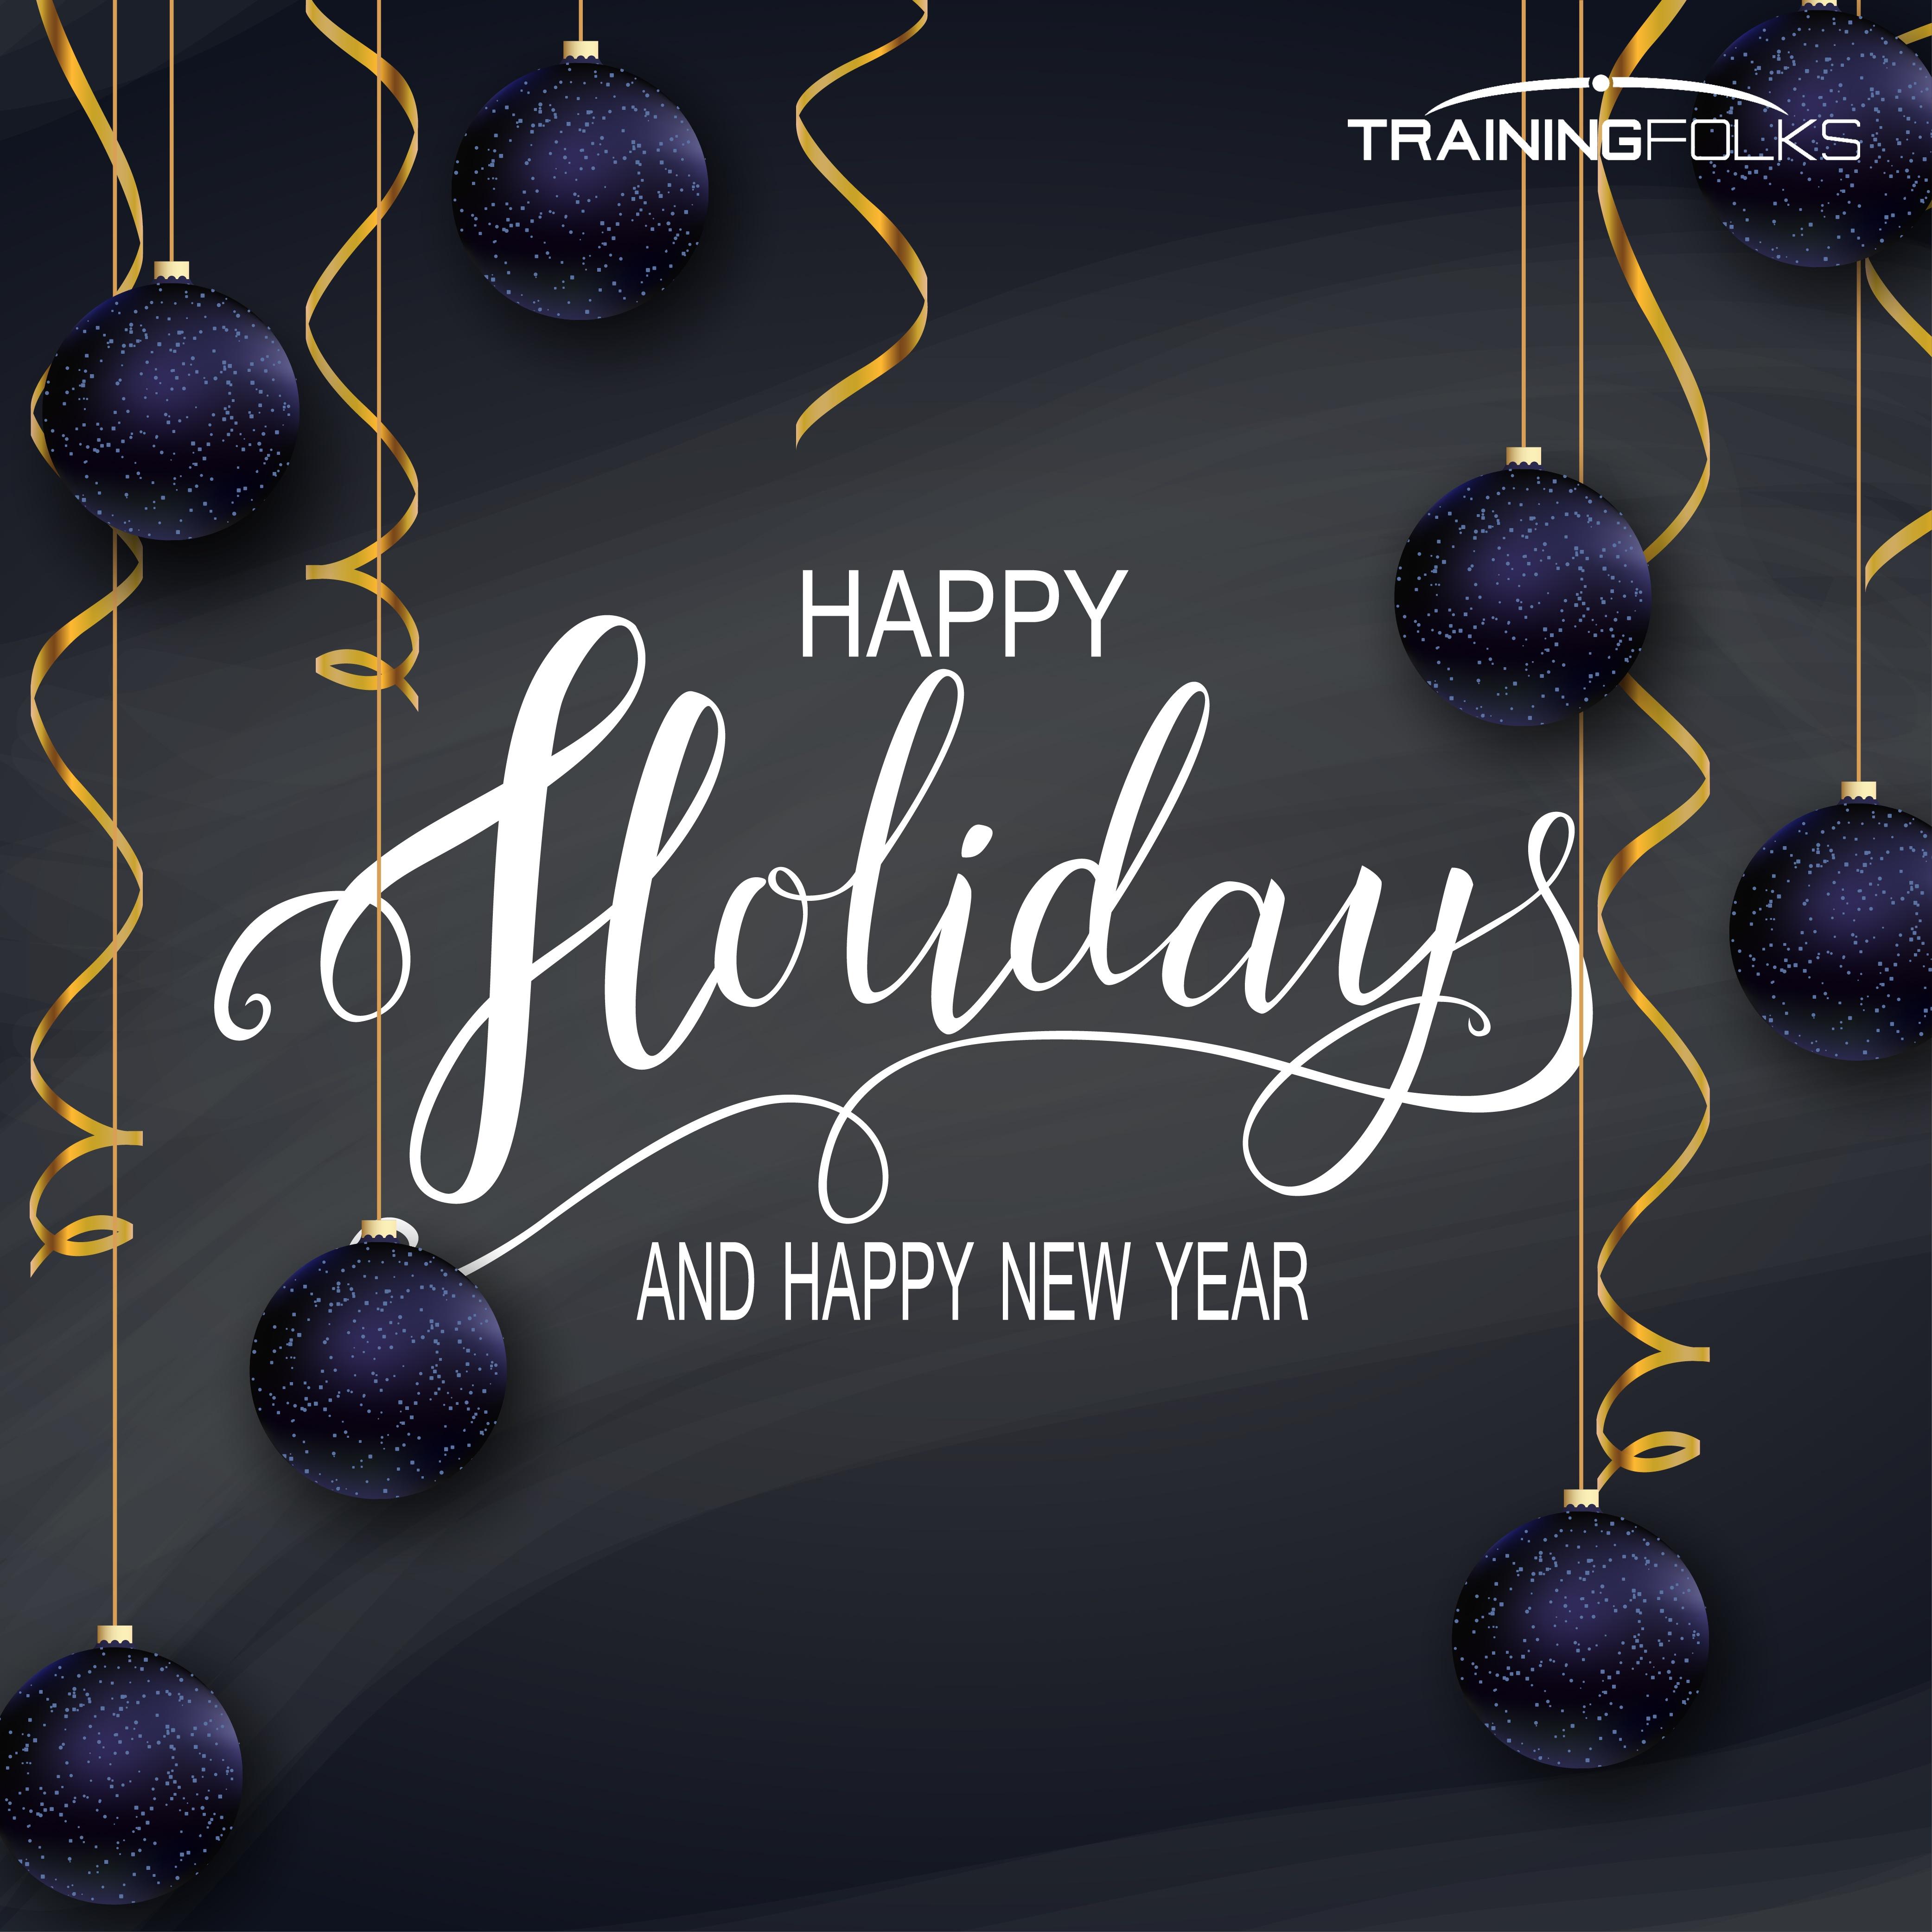 Happy Holidays TrainingFolks